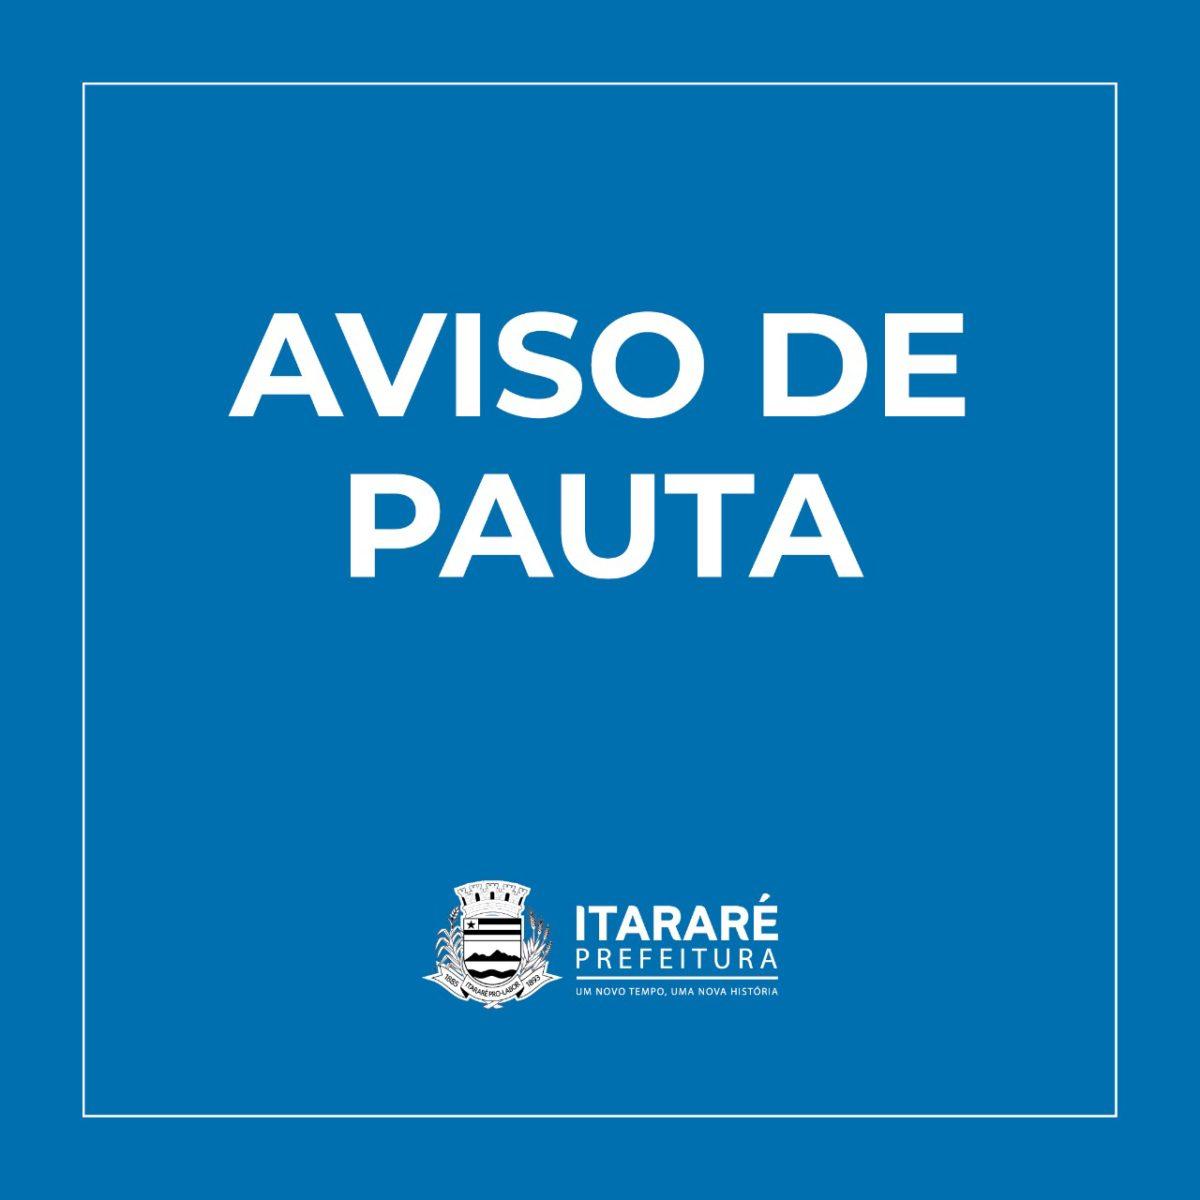 AVISO DE PAUTA:  Gestão Heliton do Valle realizará I Fórum de Desenvolvimento Turístico em Itararé (SP)